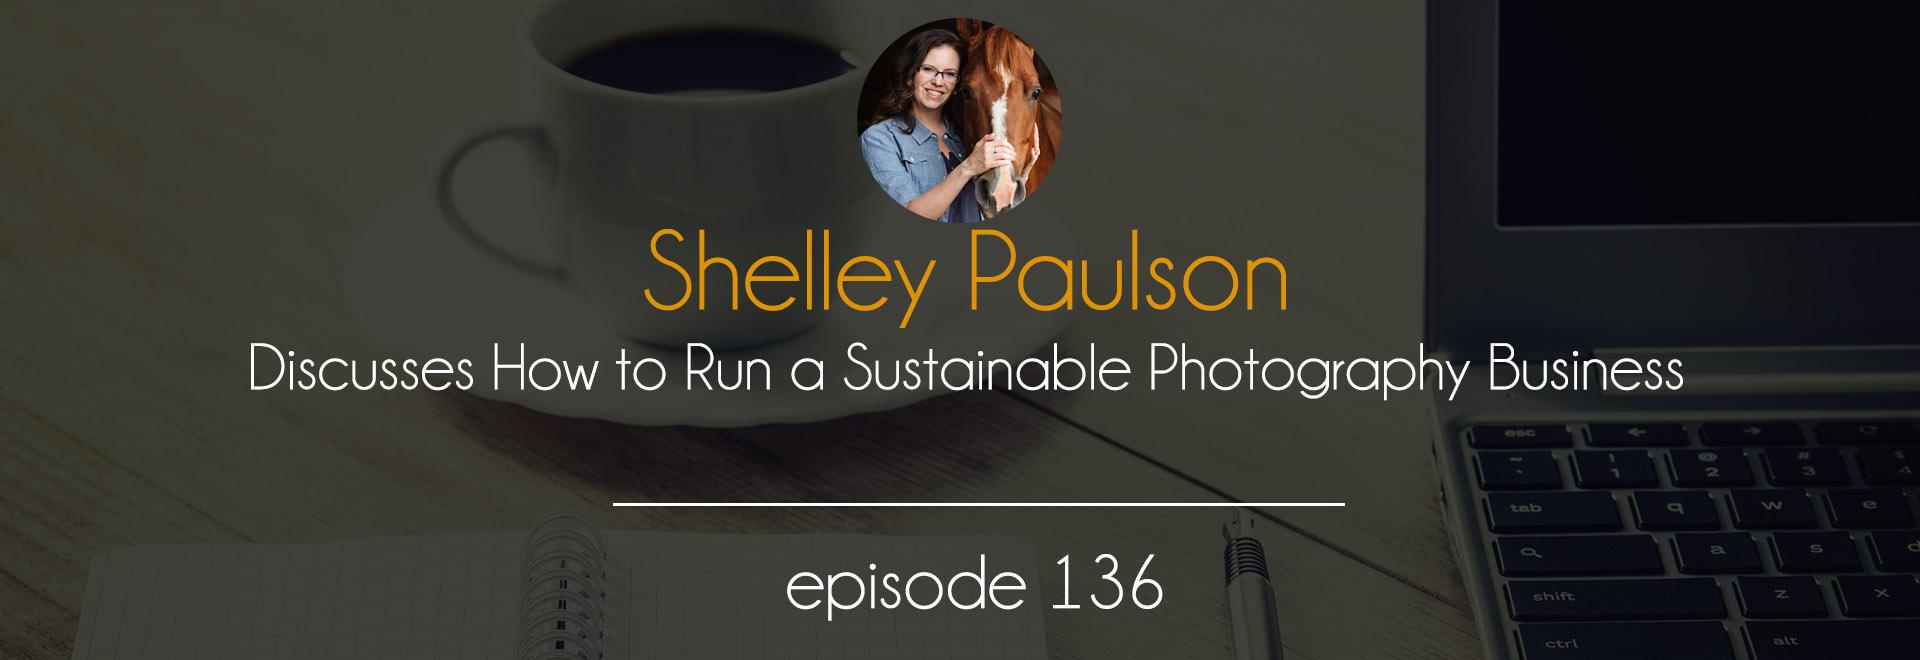 Shelley Paulson